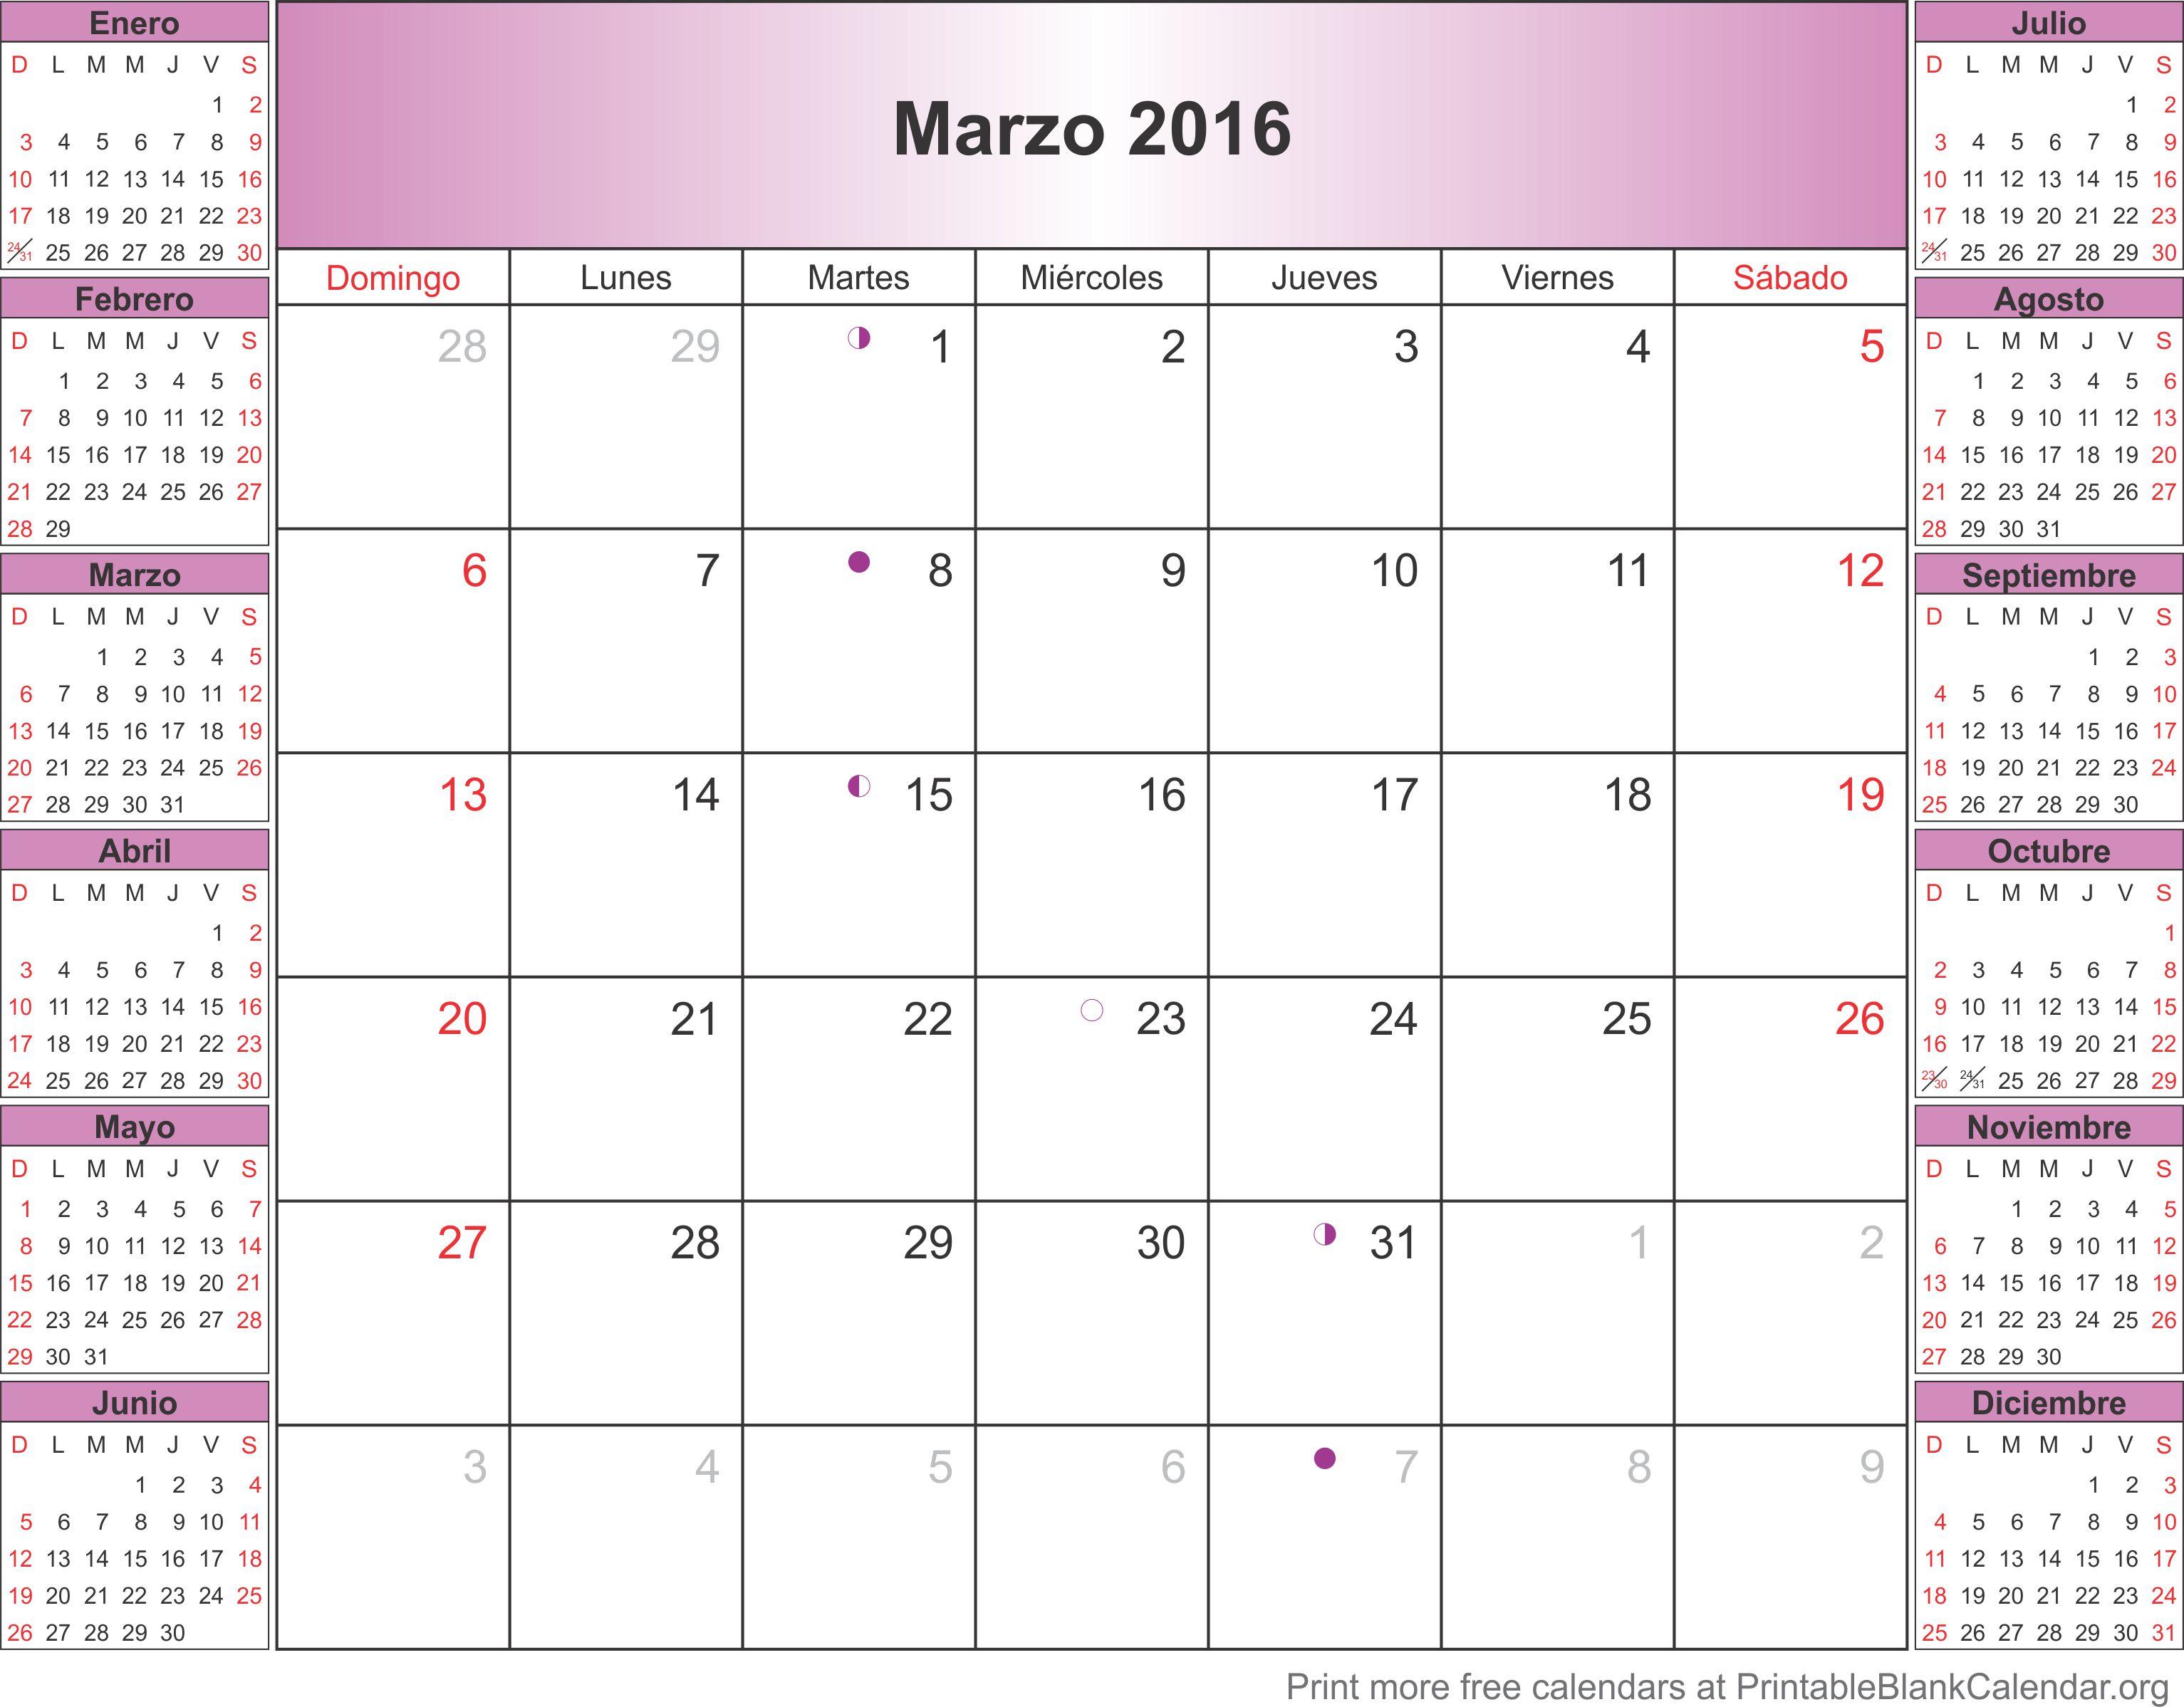 marzo-2016-calendario